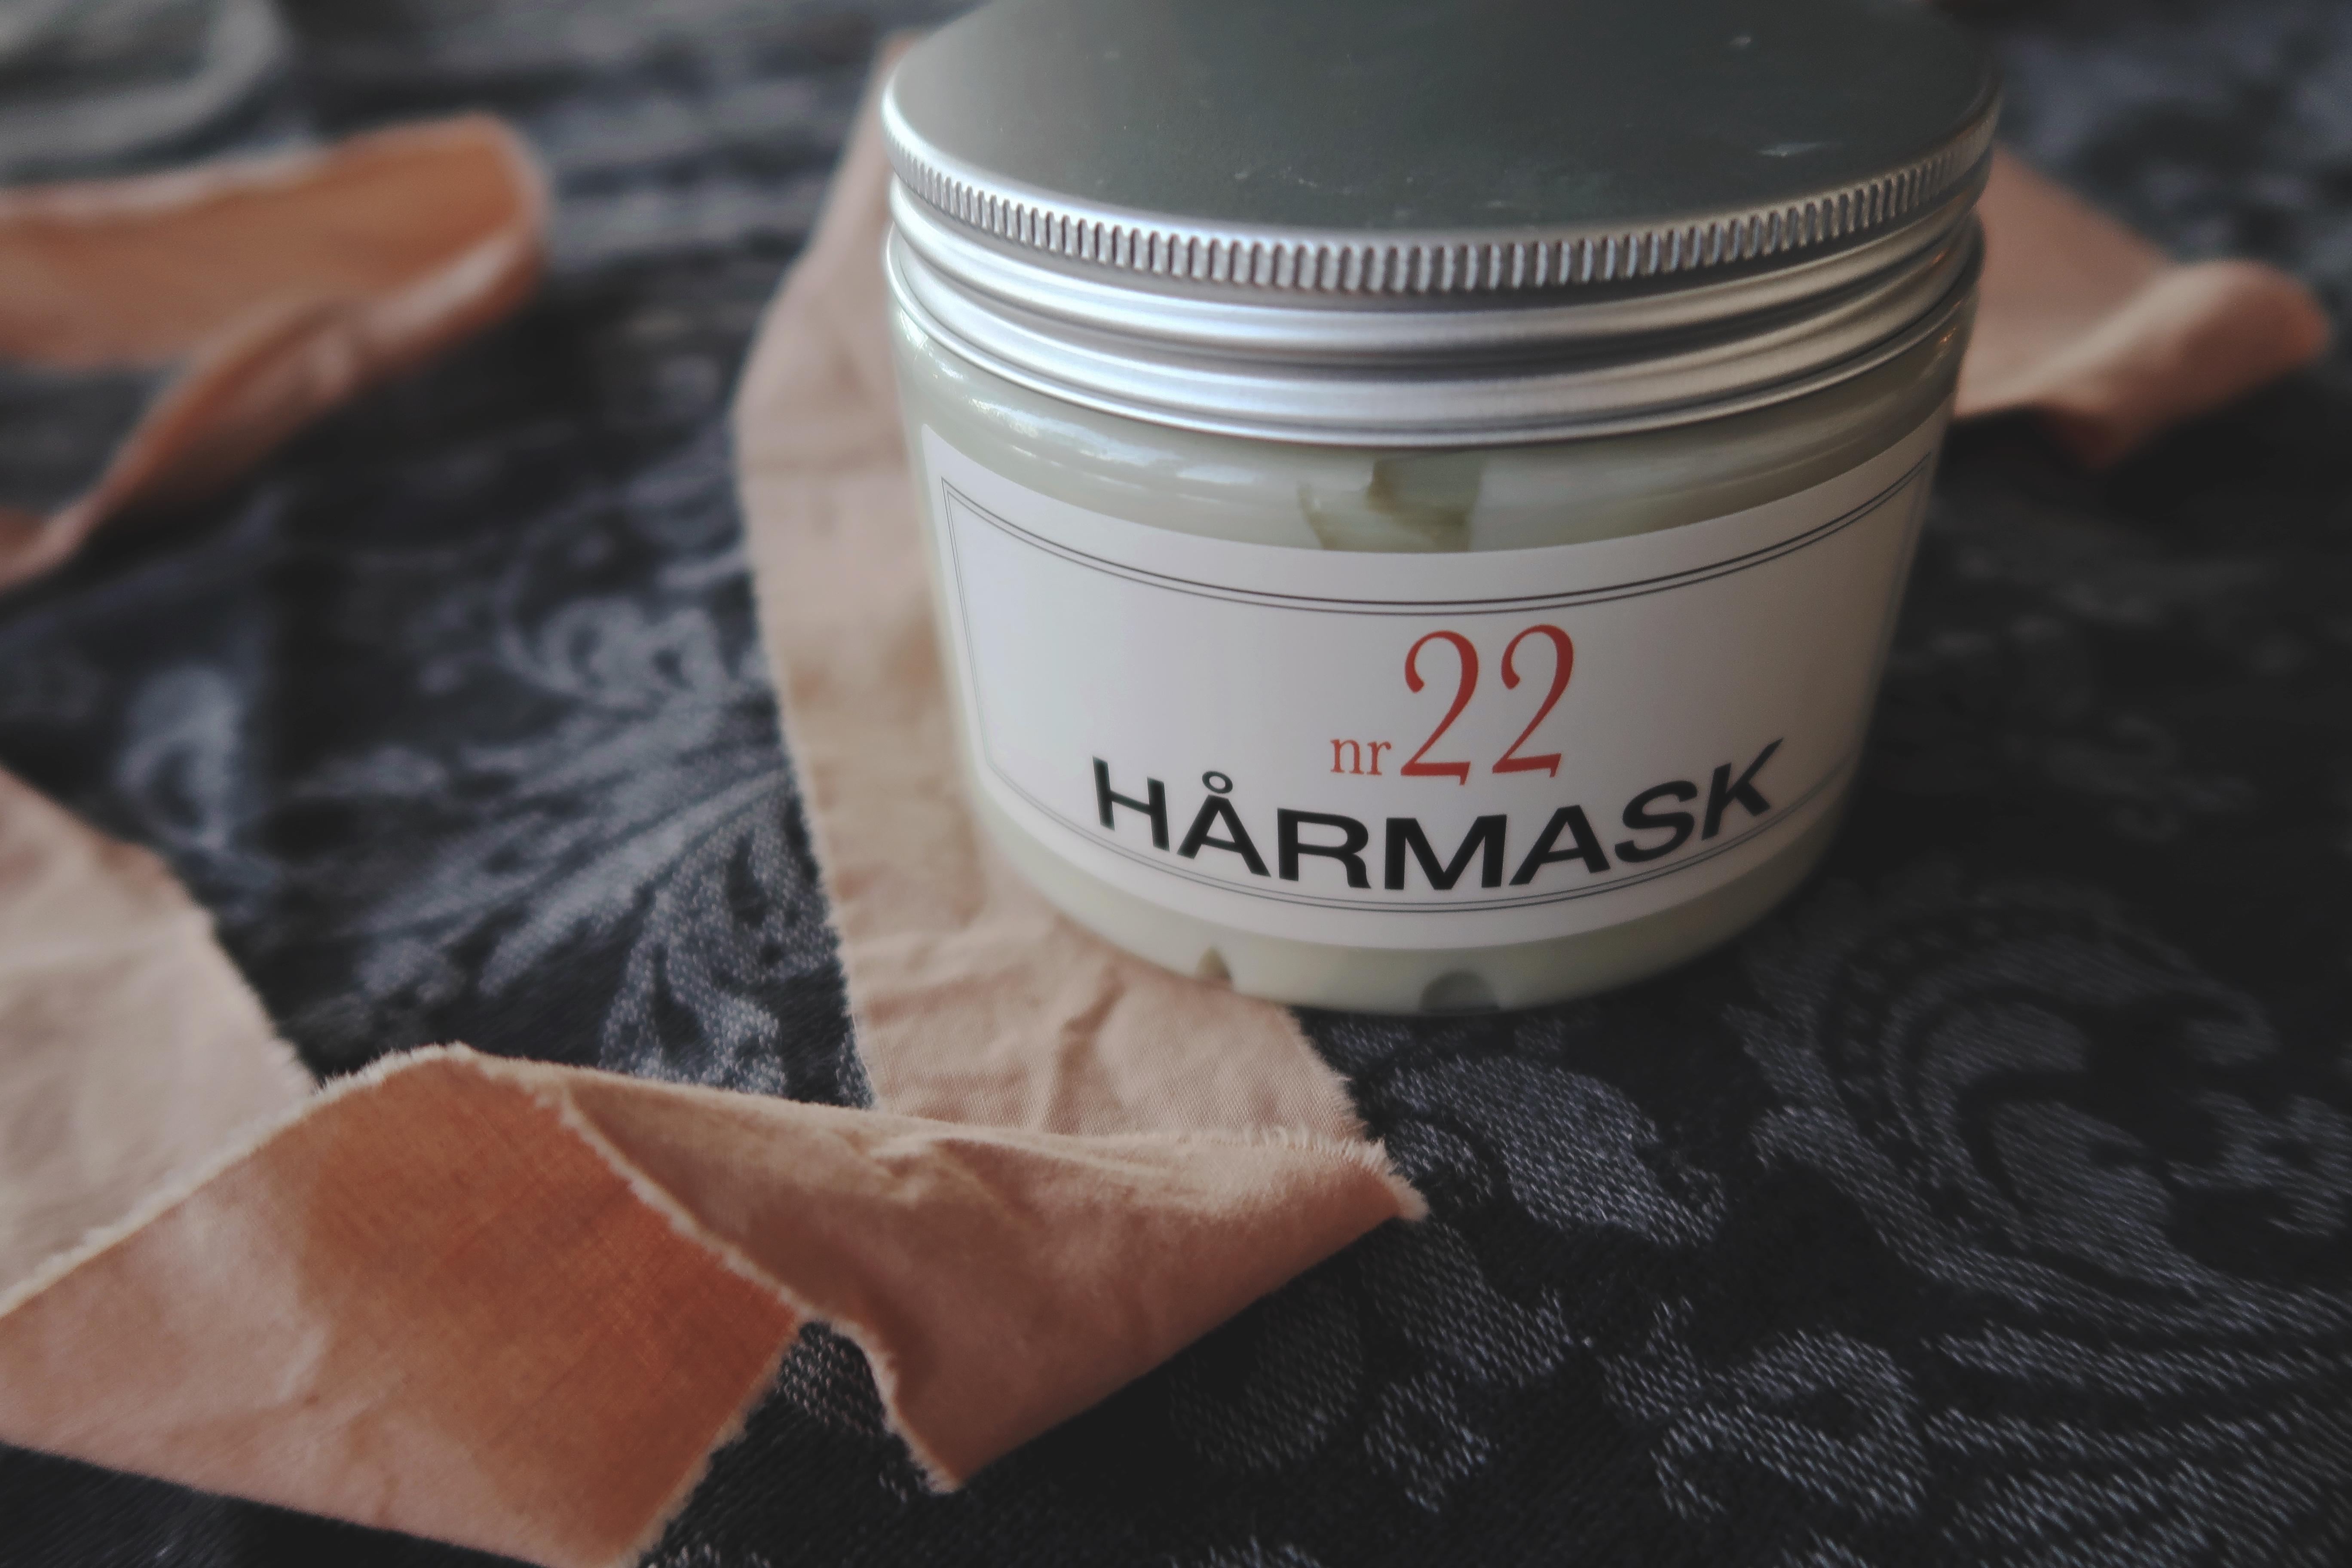 En hårmask är ett förslag på en hållbar present